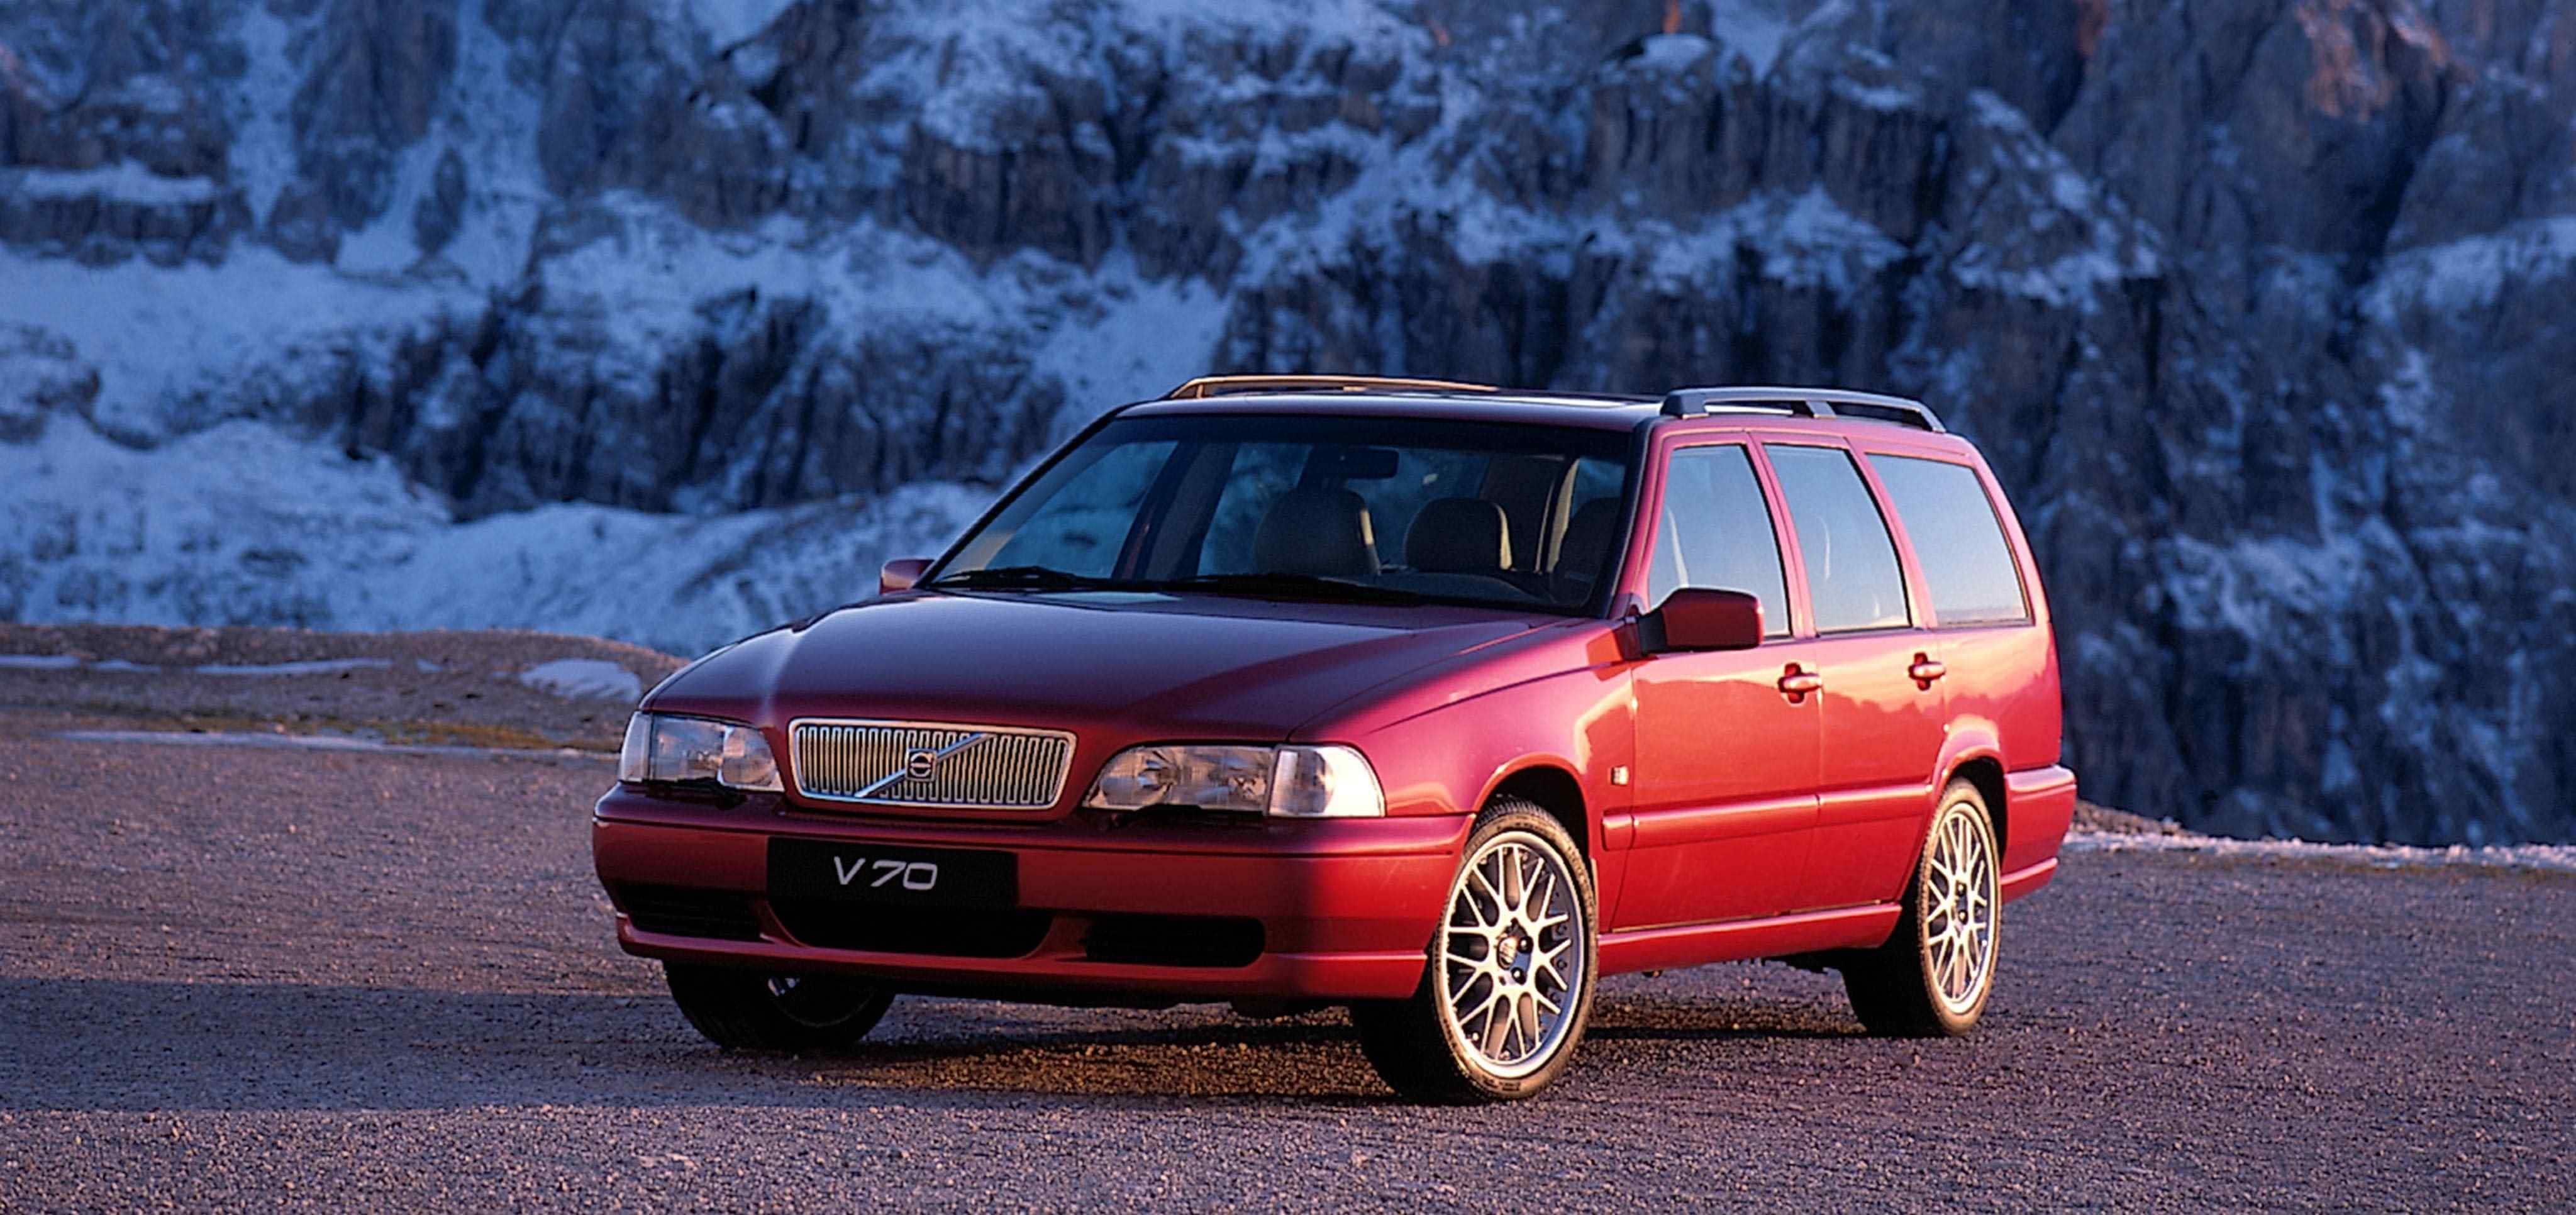 Un Volvo V70XC Classic de color rojo burgundy aparcado delante de unas rocas cubiertas por nieve